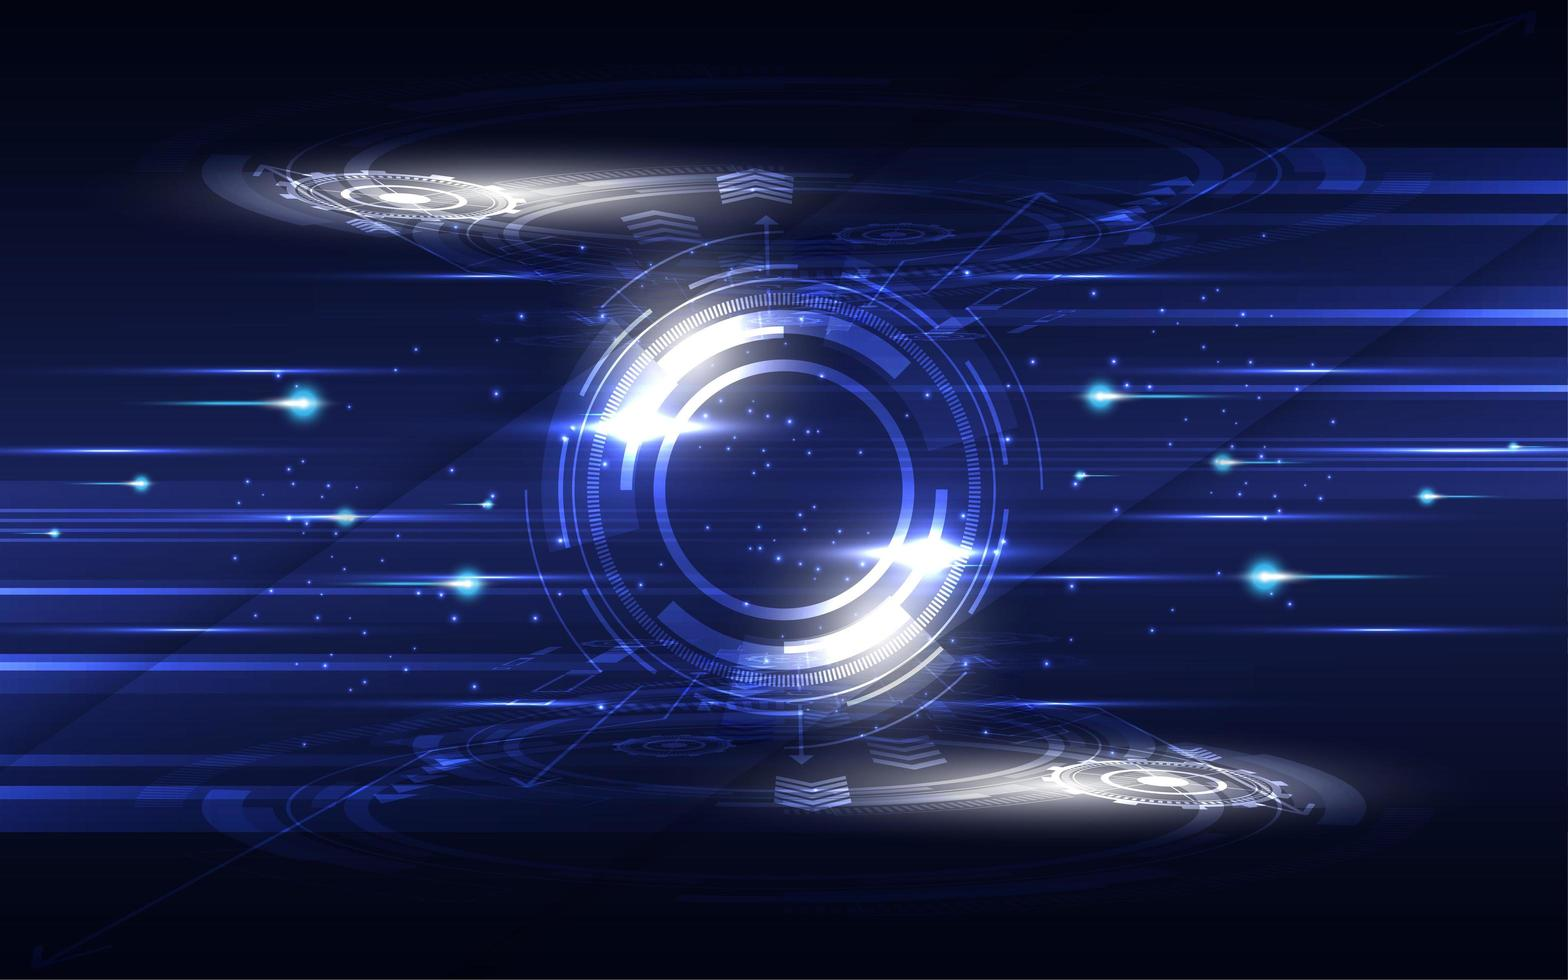 gloeiend blauw en wit hi-tech communicatieconcept vector